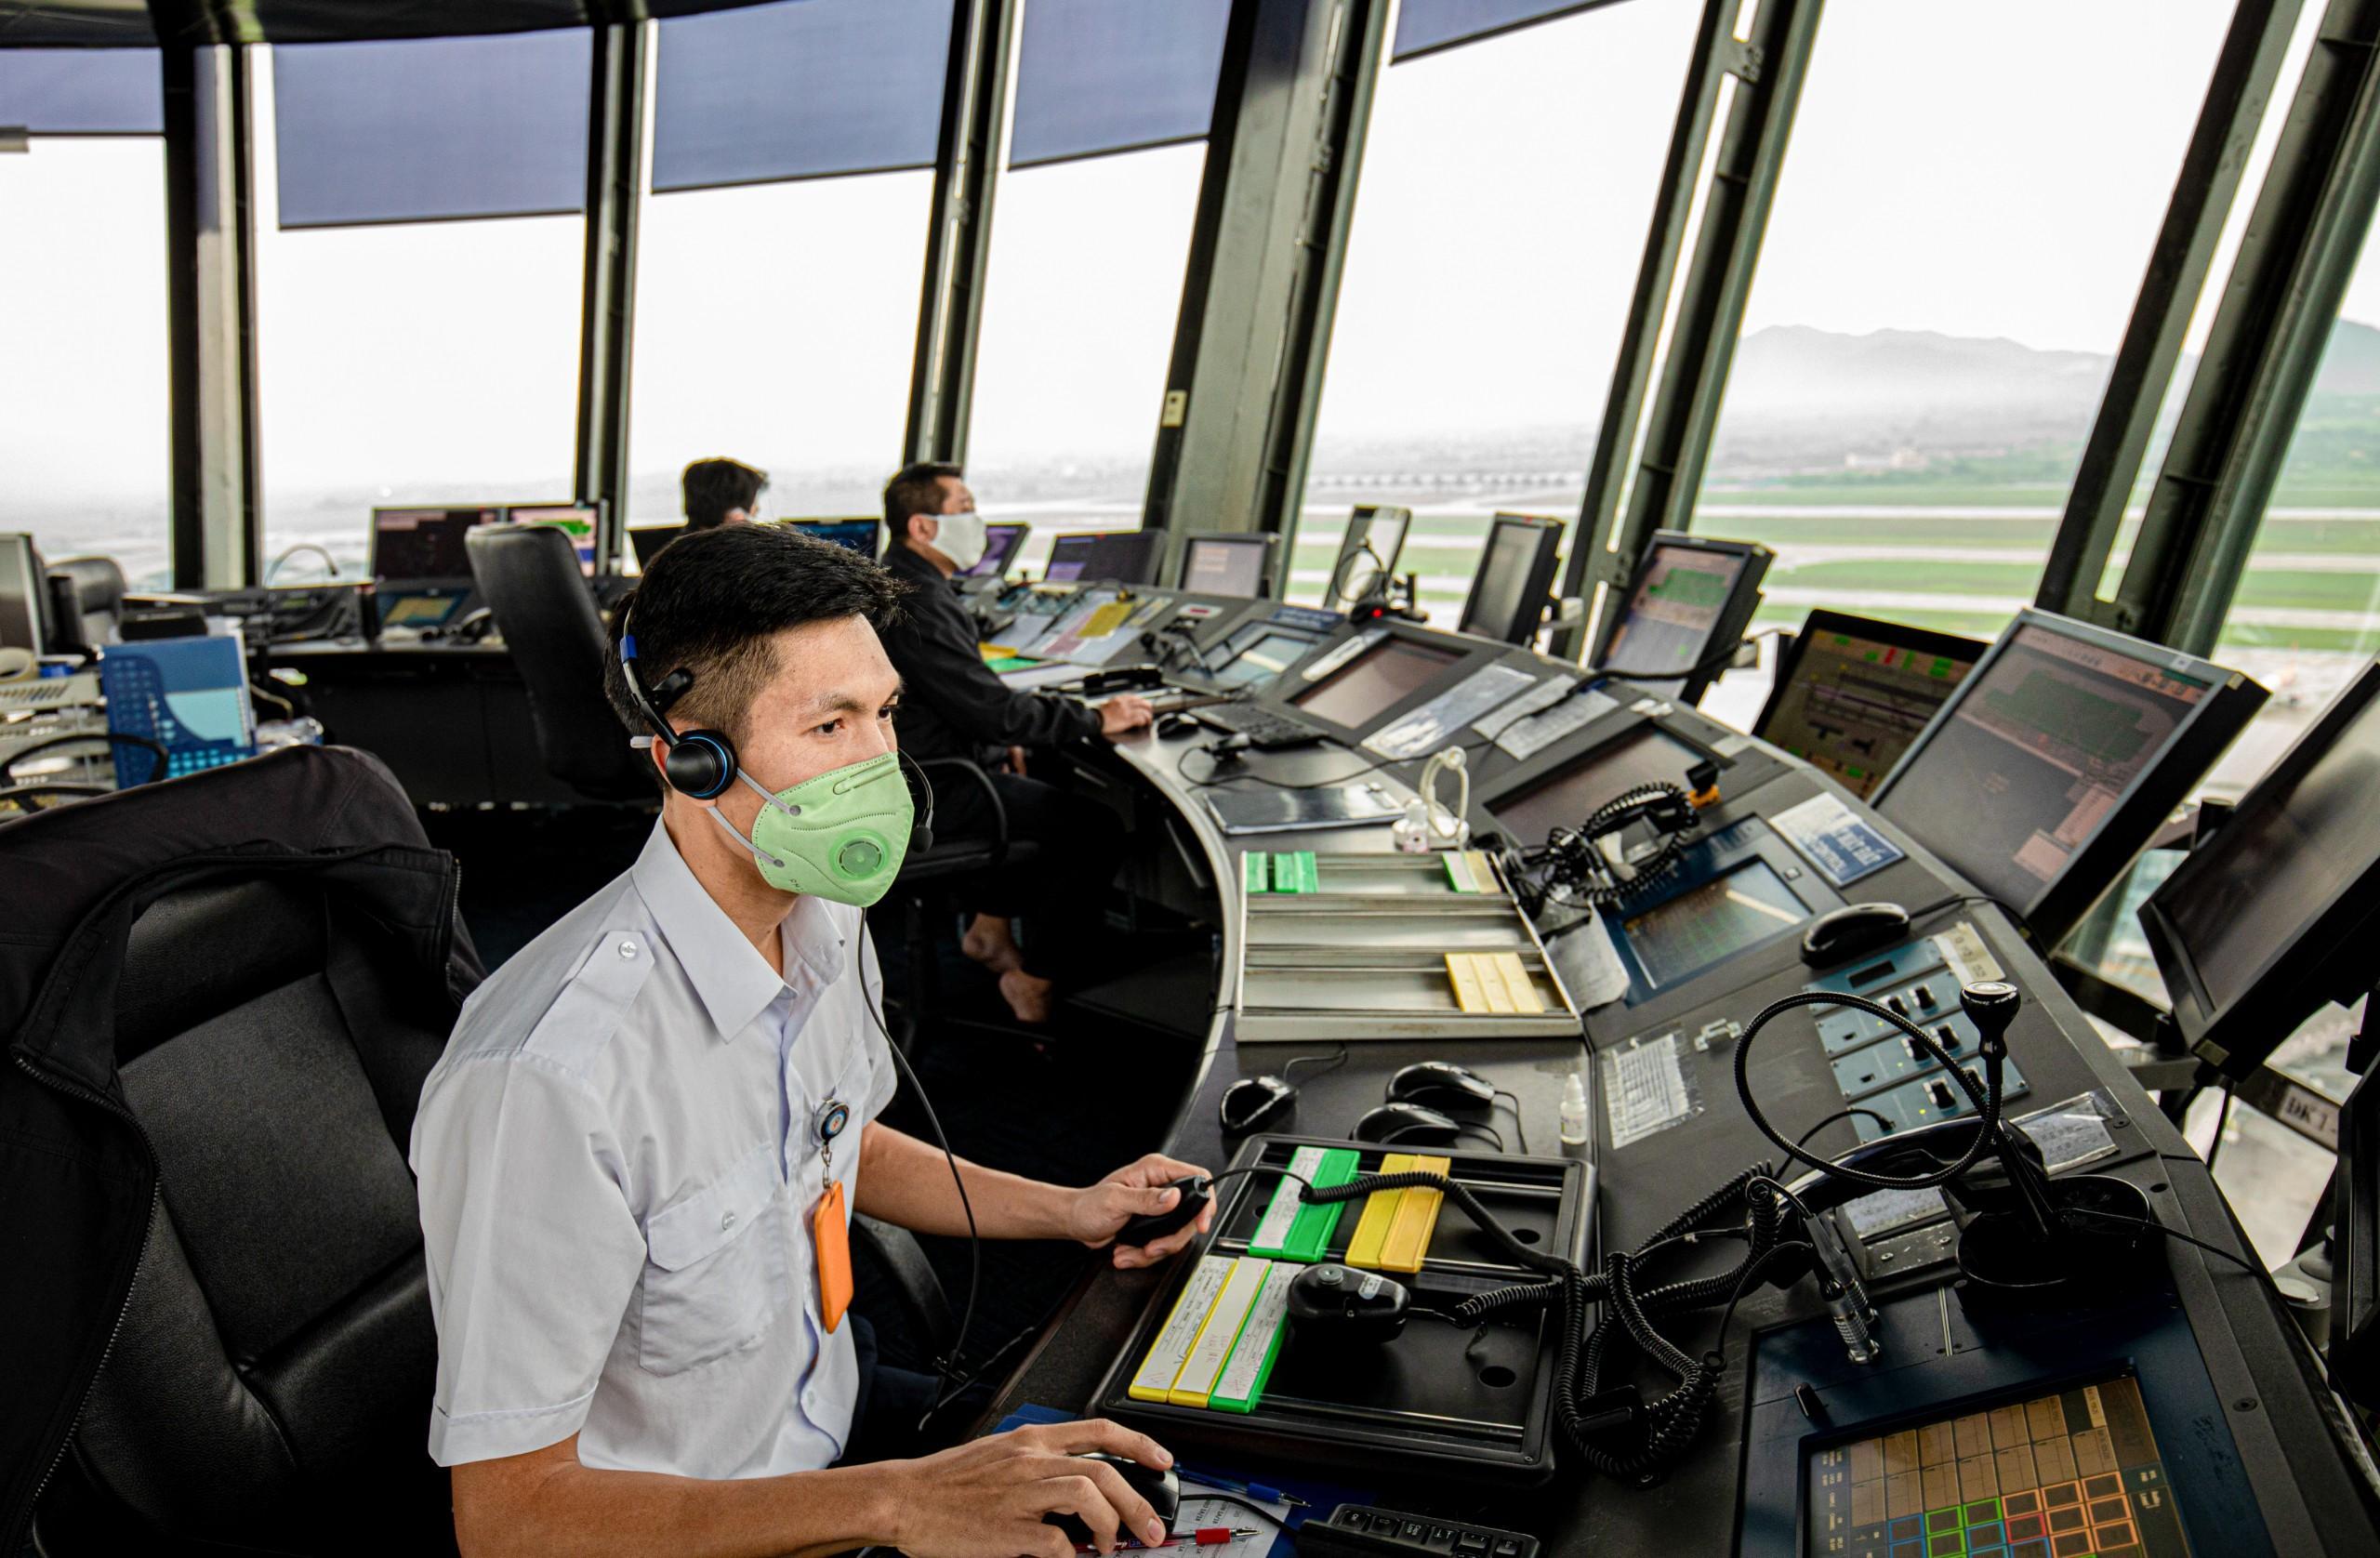 VATM tiếp tục thực hiện cấp độ ứng phó đại dịch Covid-19 tại các cơ sở điều hành bay